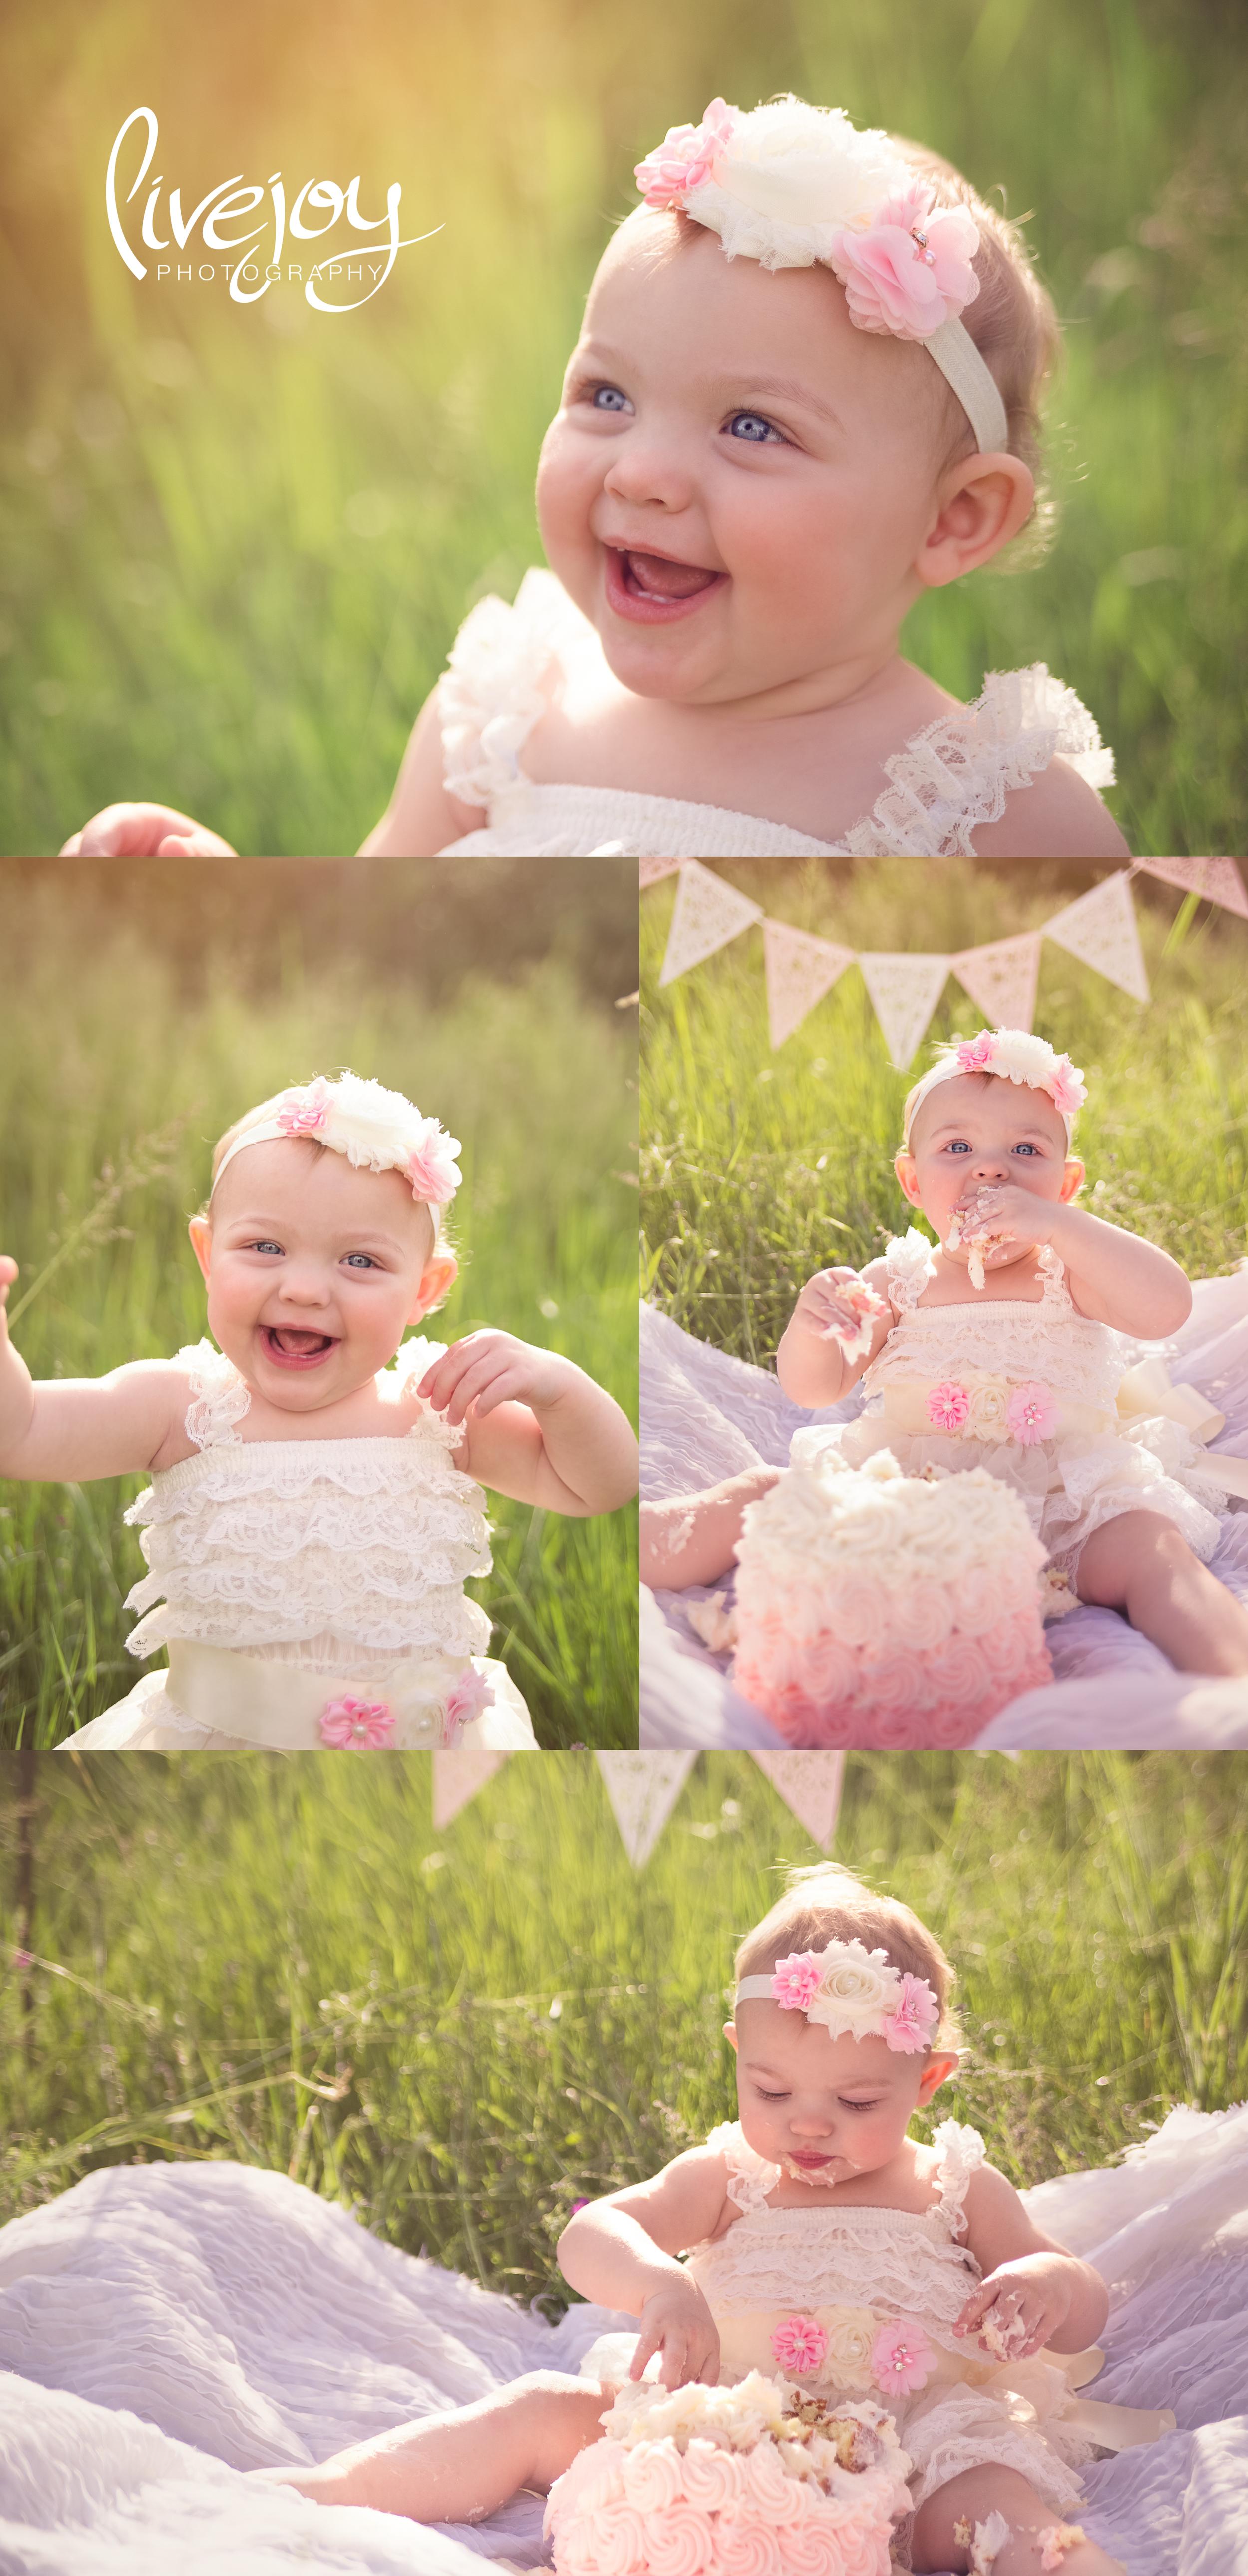 1 Year and Cake Smash | Oregon | LiveJoy Photography